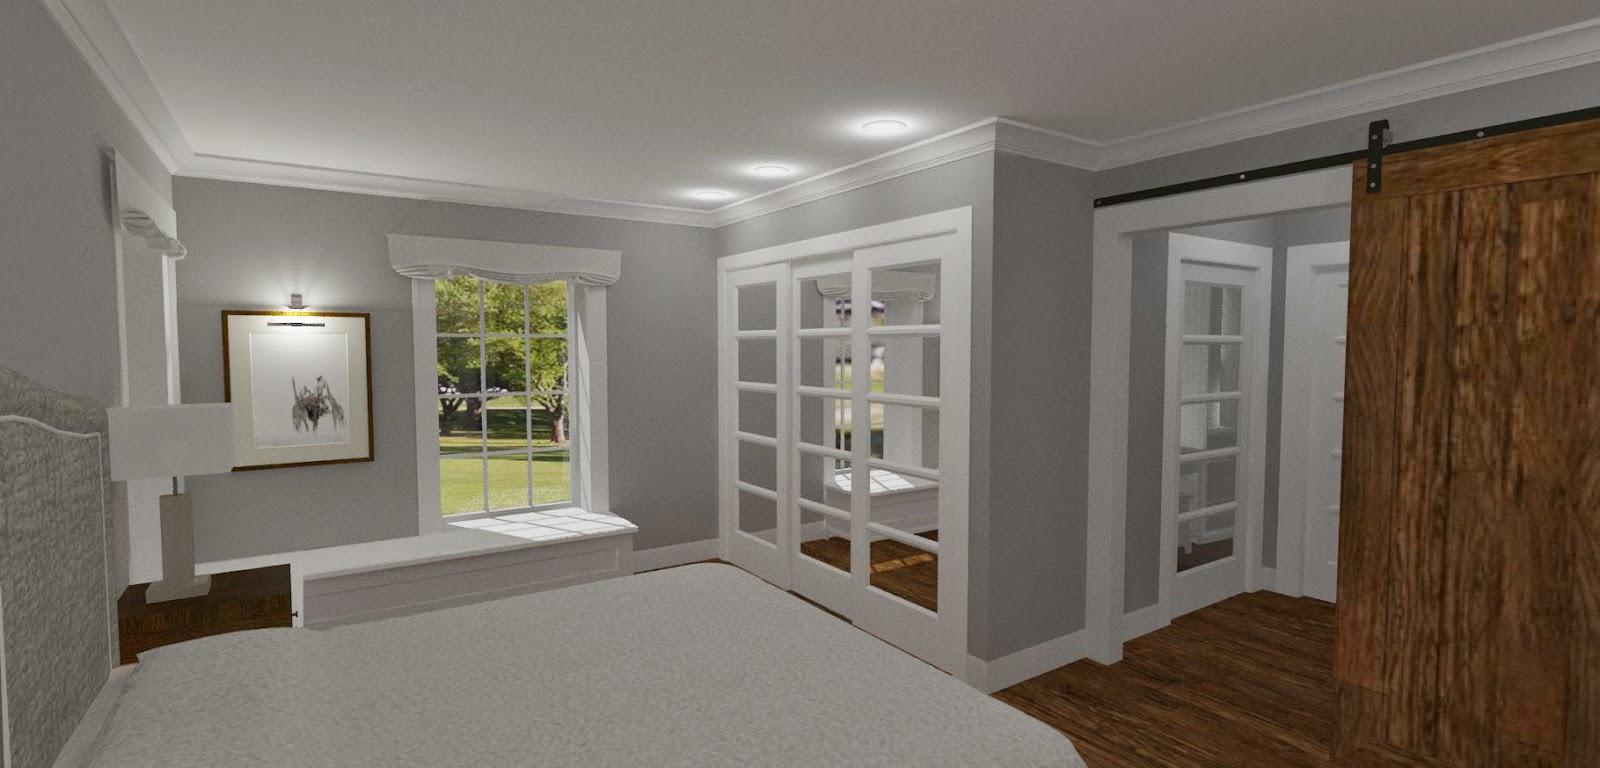 Den Vita Drömgården: Bygglovshandlingar klara - New England hus